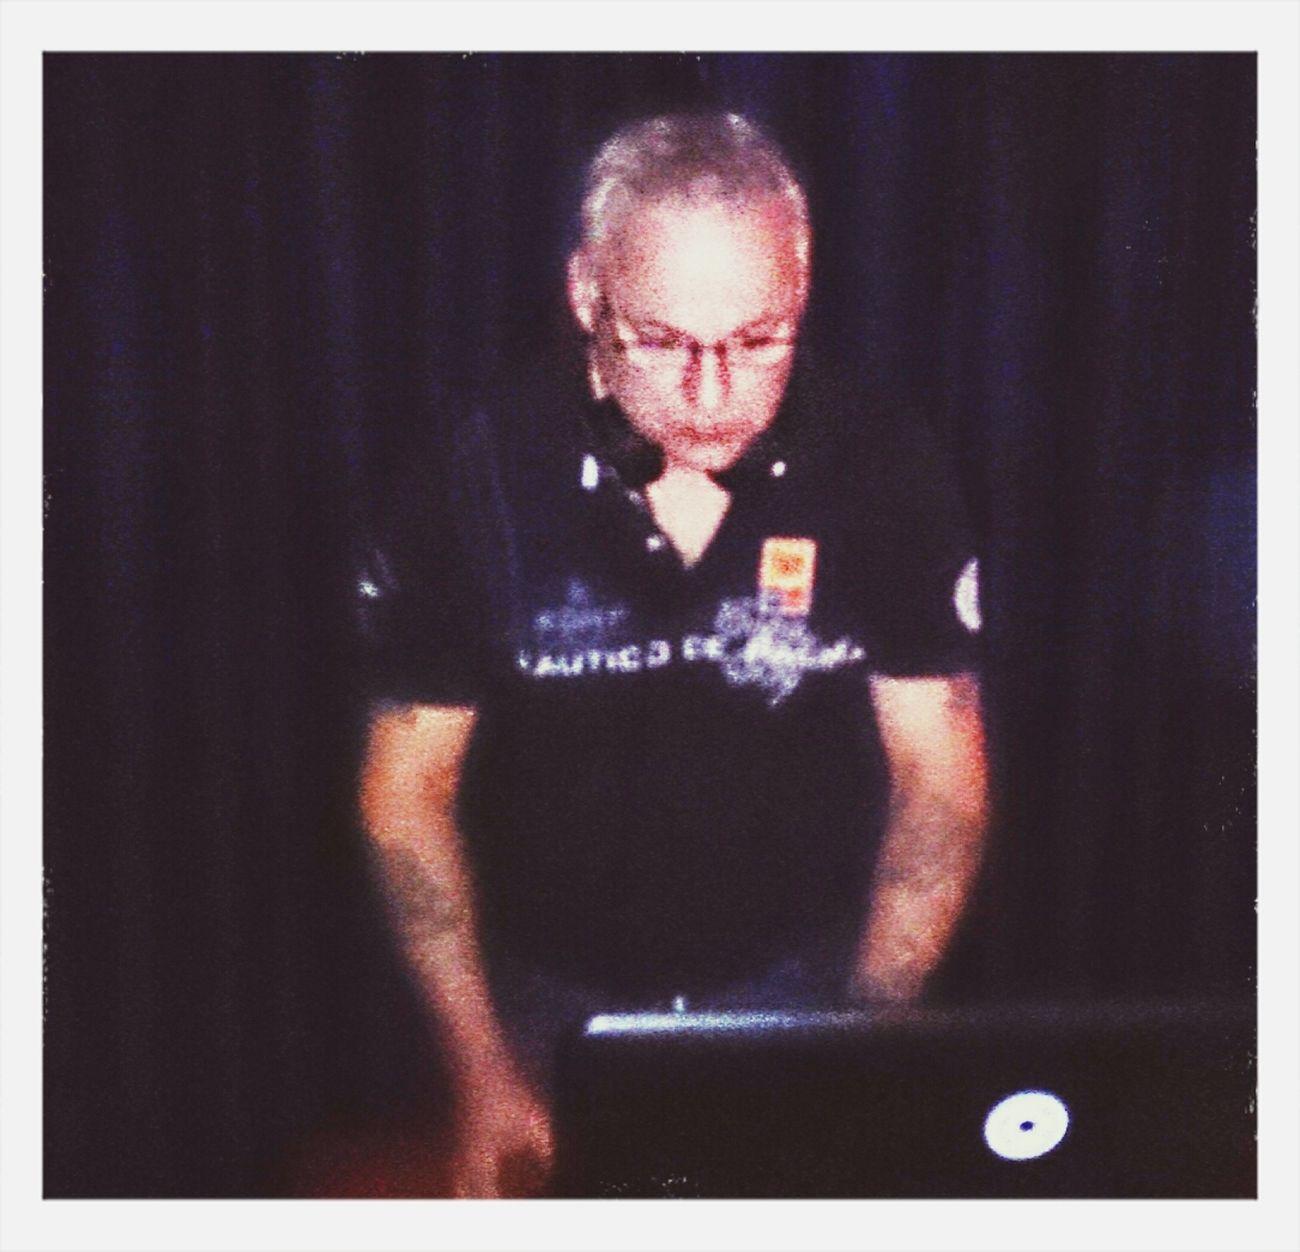 Salsa DJ's @work MiComboLatino @MiSalsa_nl